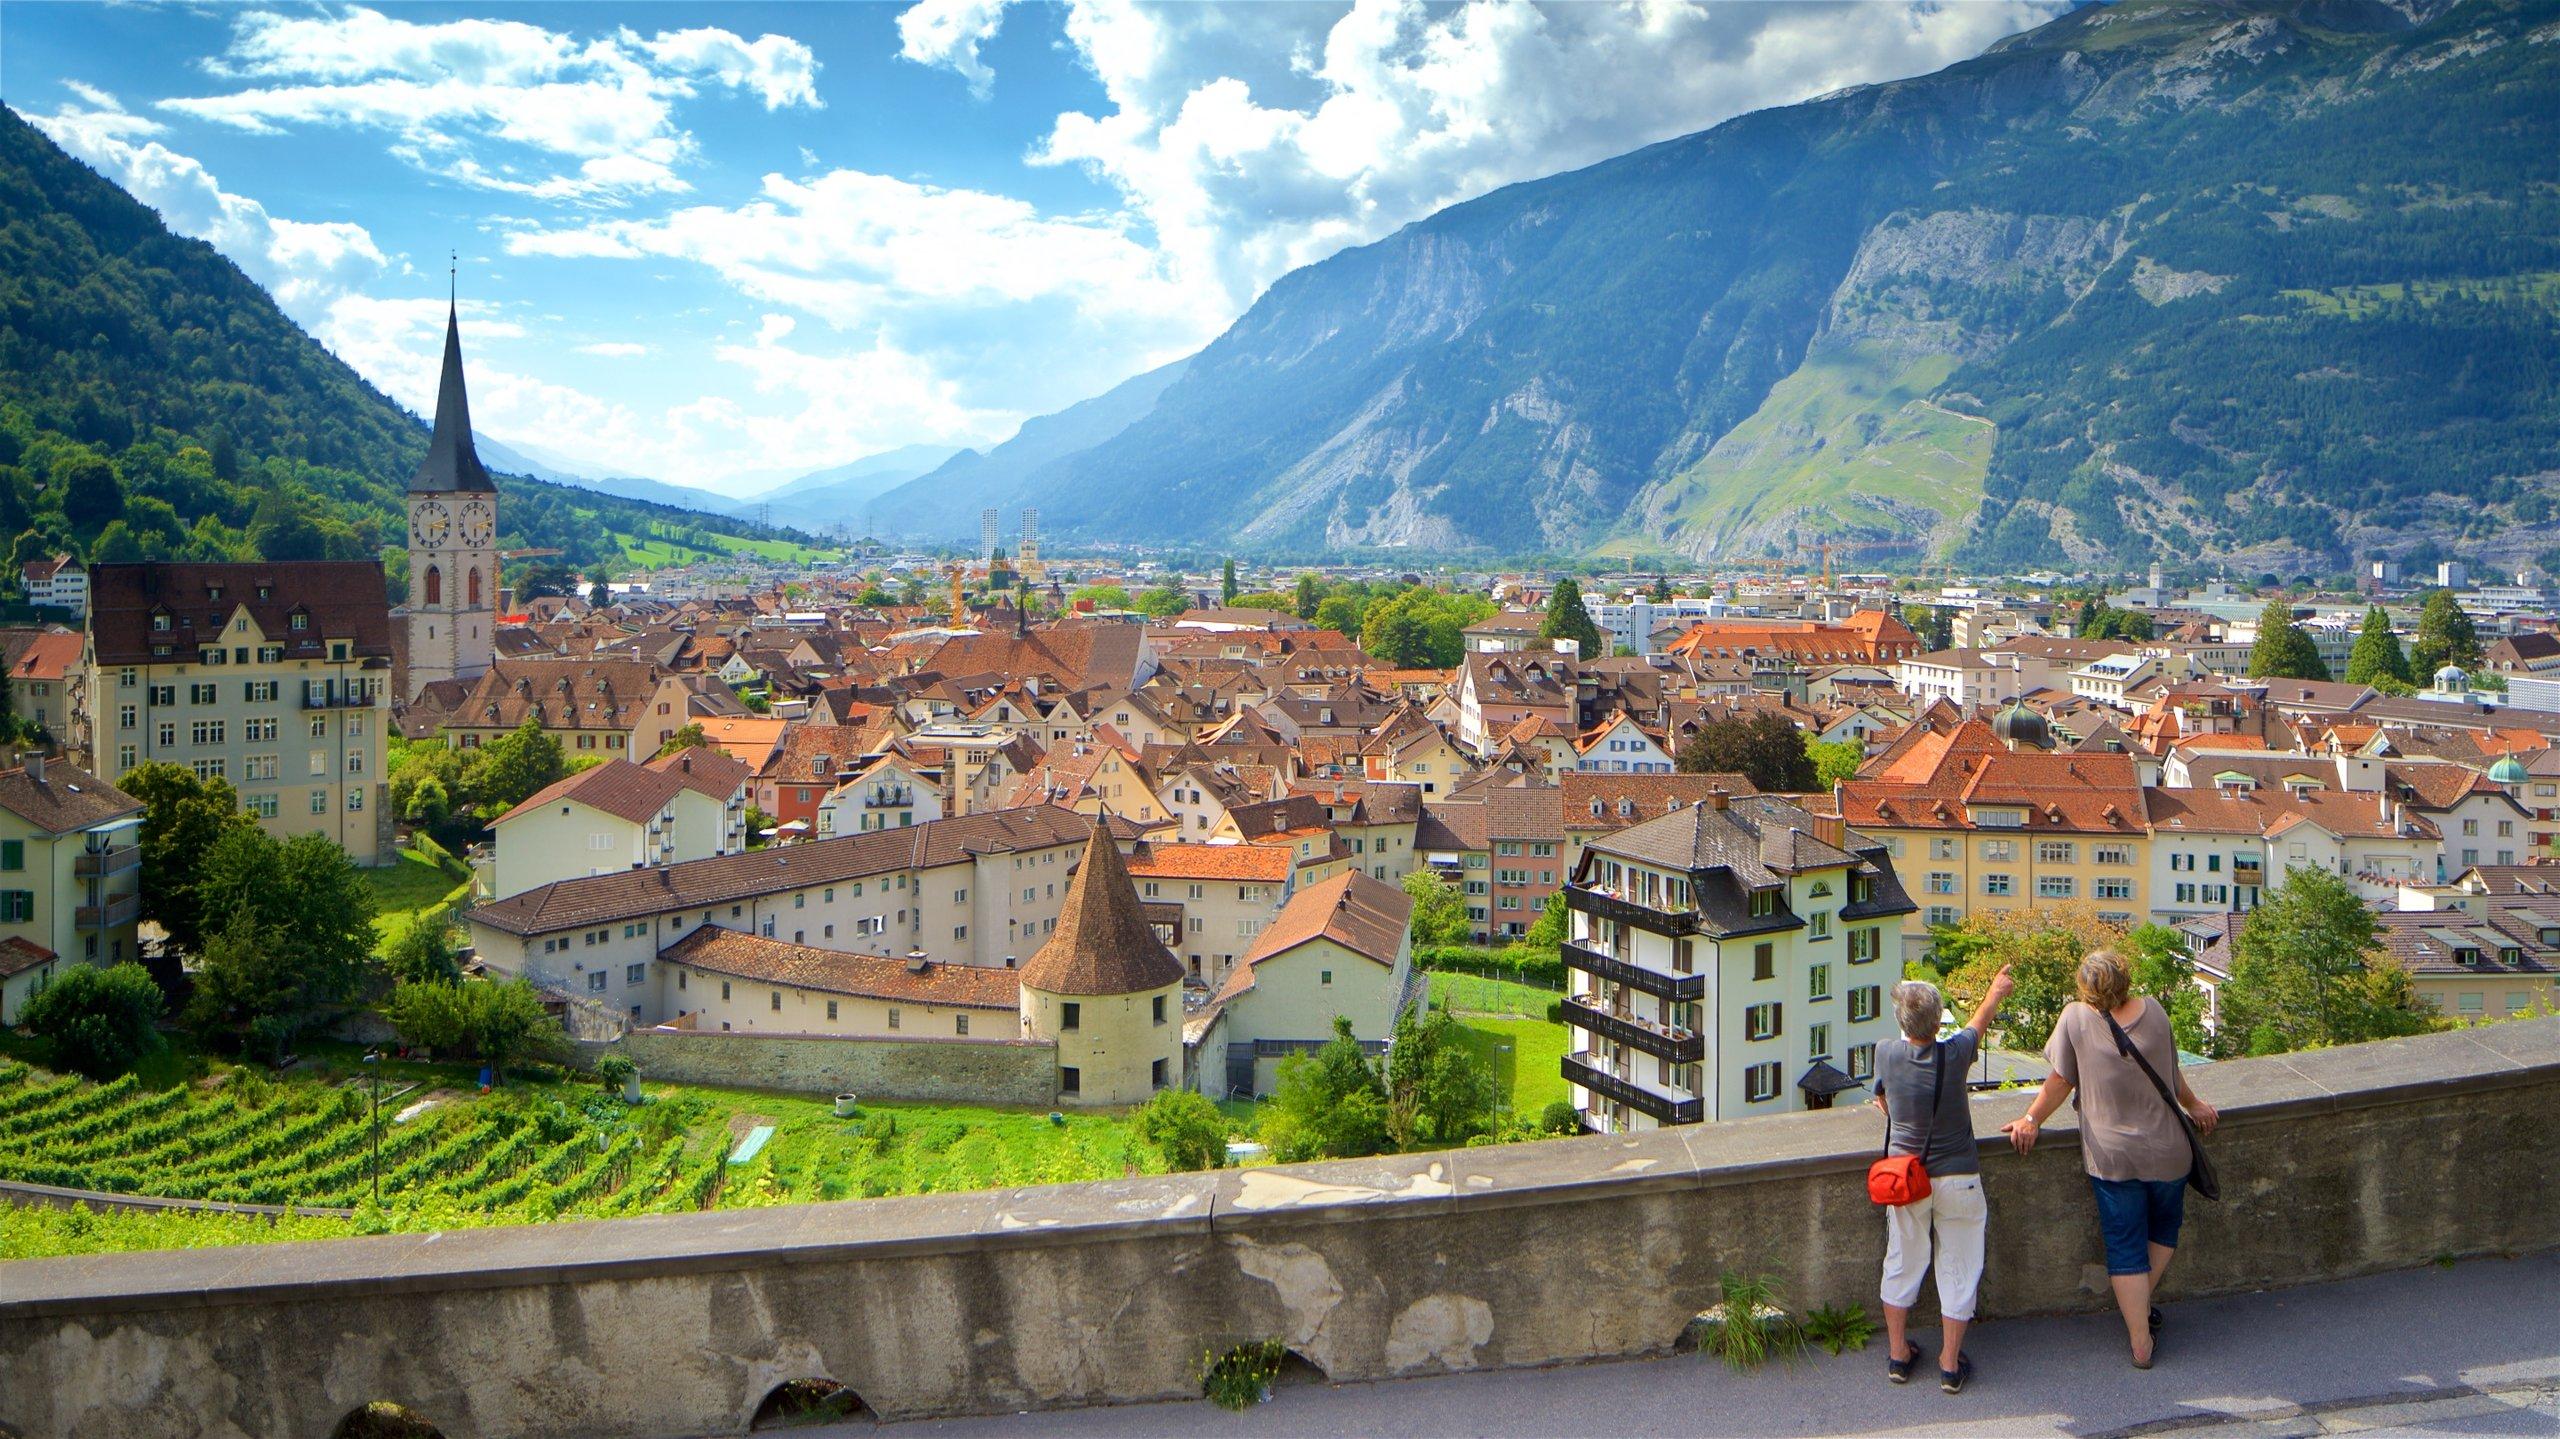 Chur, Graubuenden, Switzerland